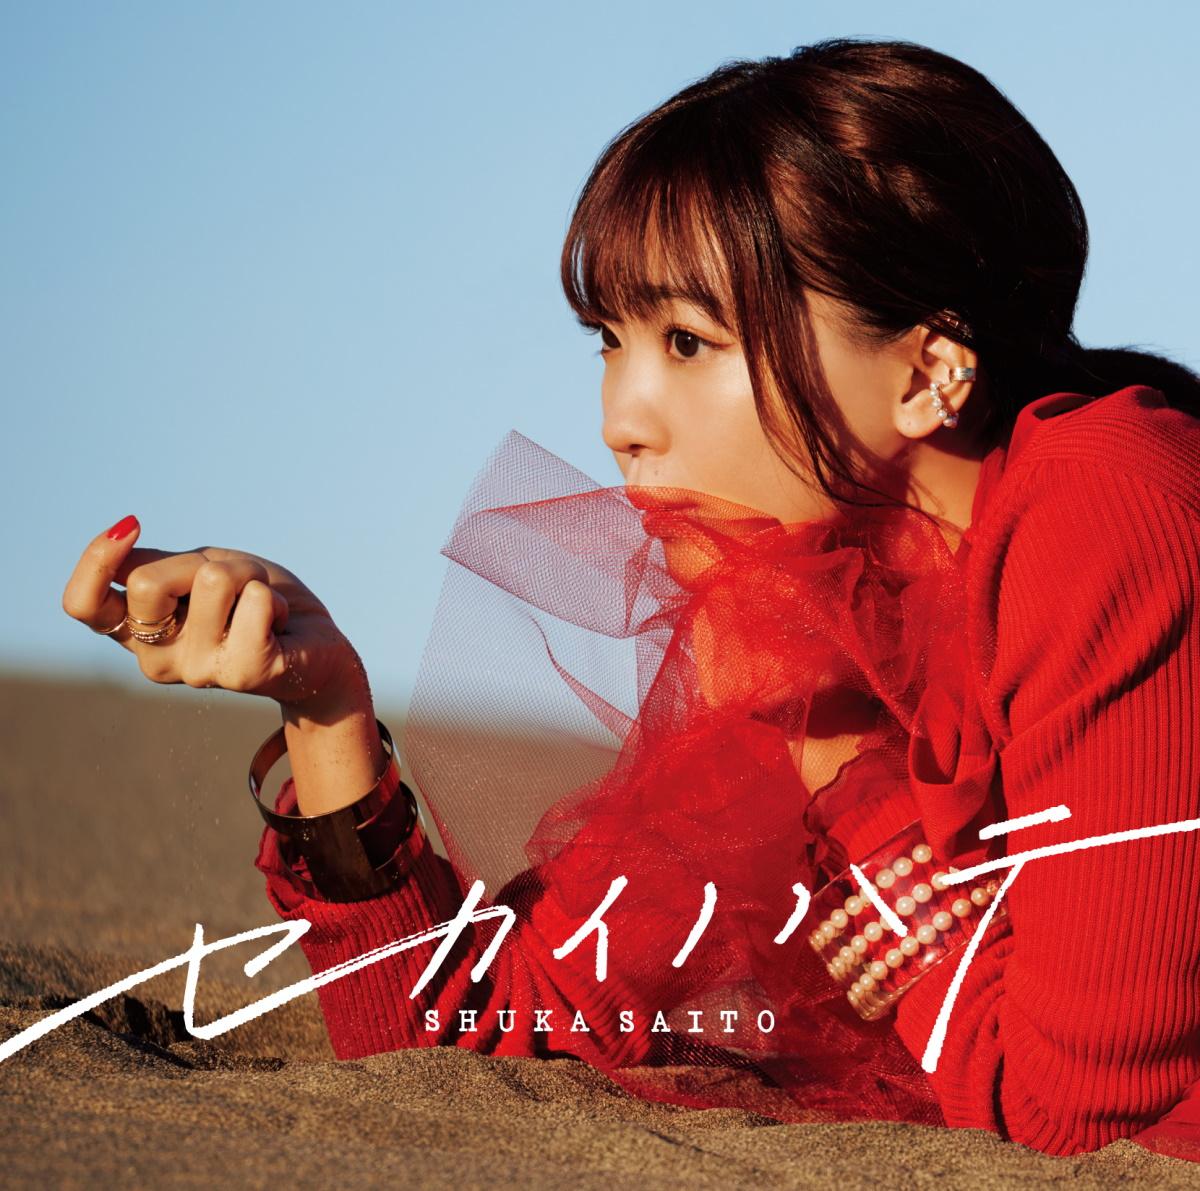 Cover for『Shuka Saito - Sekai no Hate』from the release『Sekai no Hate』